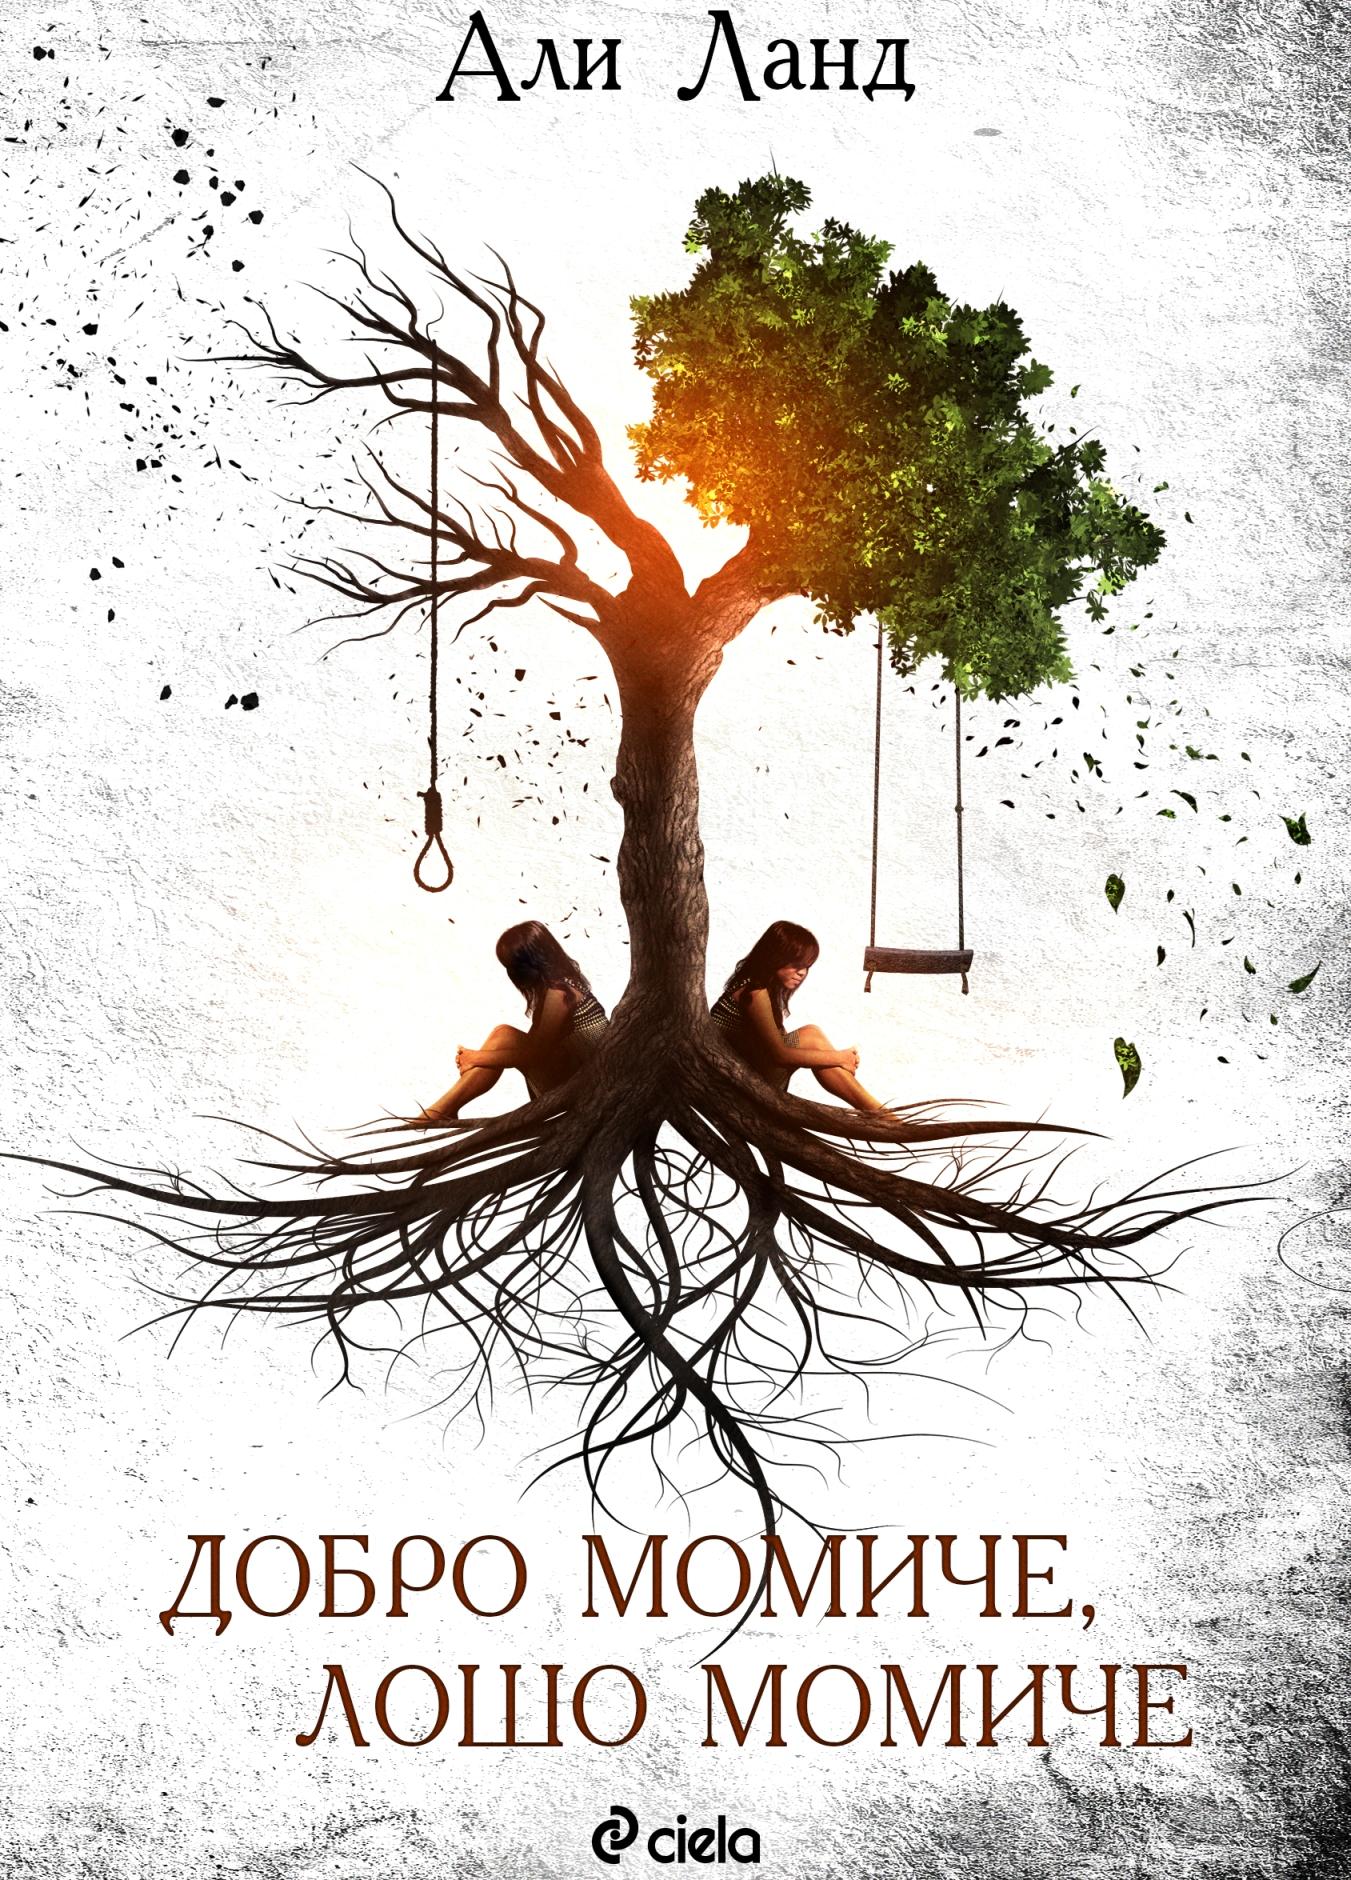 dobro_momiche_losho_momiche